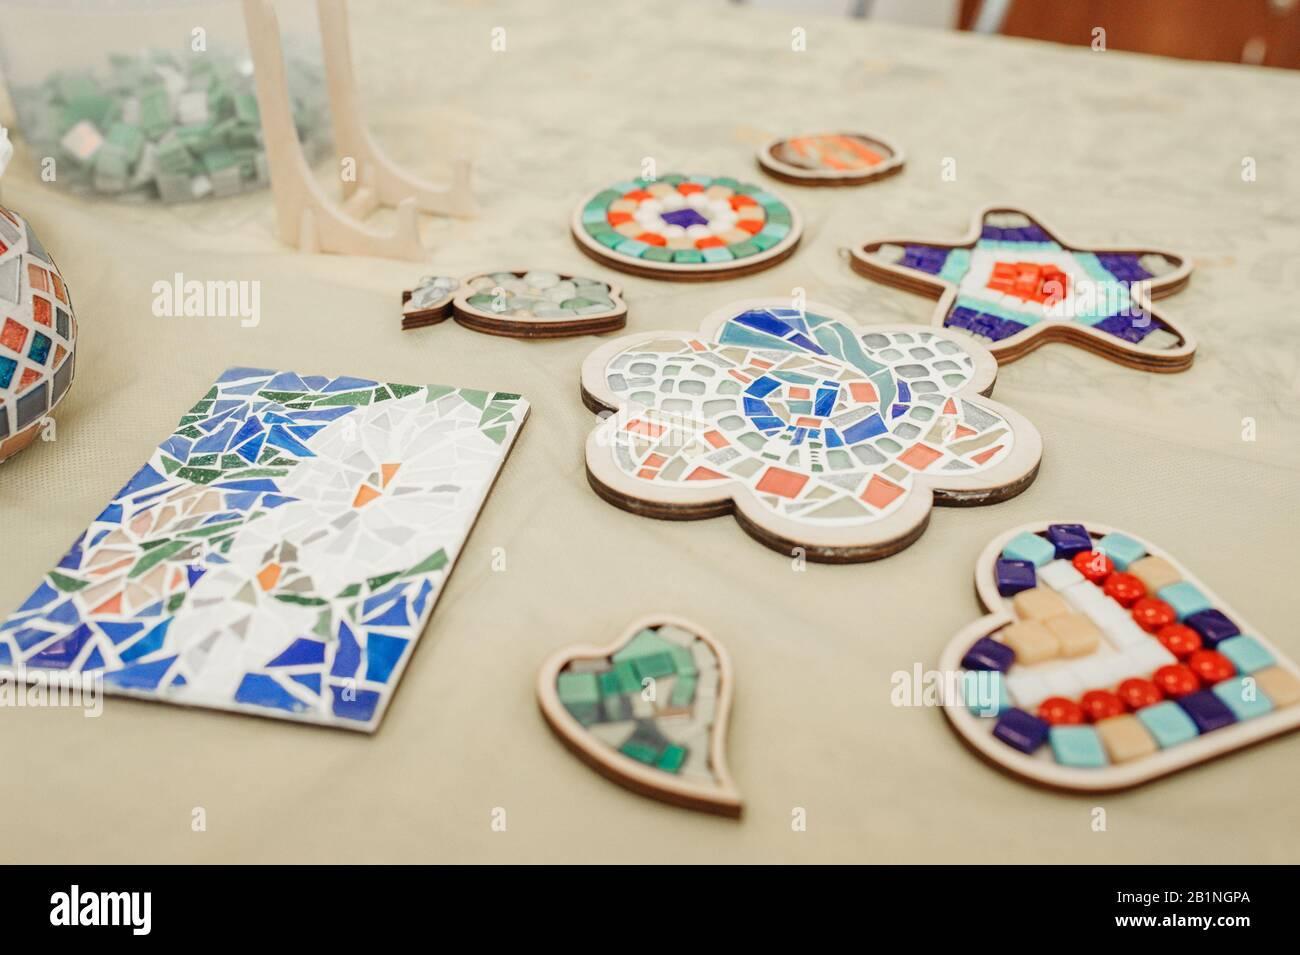 Per la casa mi diverto a realizzare anche le storie d'argilla, piccoli. Hobby E Hobby Raccogliendo Dipinti E Oggetti Da Mosaici Di Ceramica Colorati In Piccoli Pezzi Foto Stock Alamy